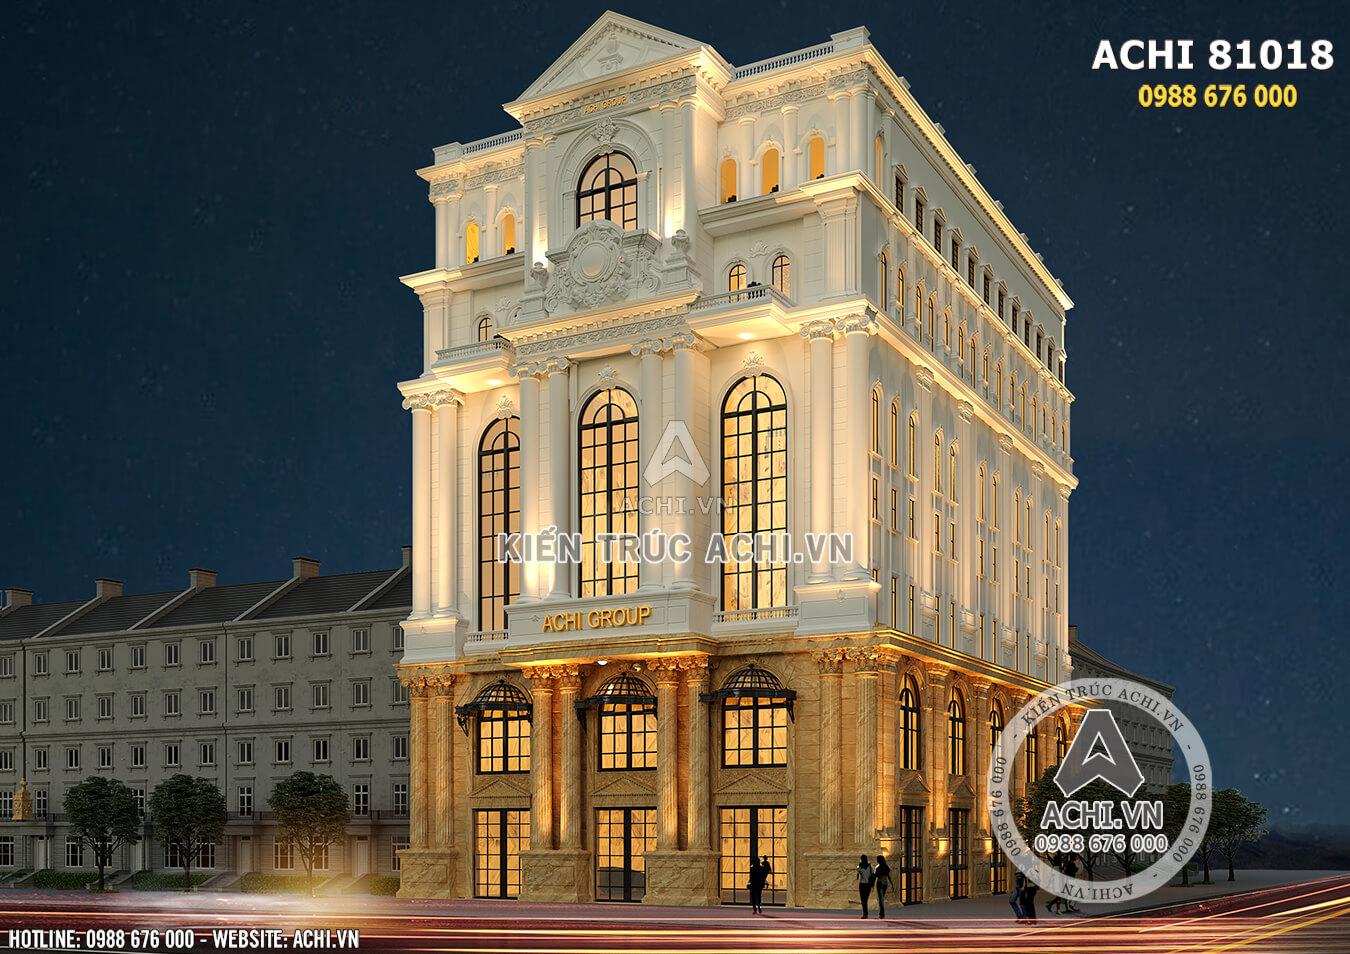 Toàn cảnh mẫu thiết kế văn phòng khách sạn 4 sao mặt tiền 20m